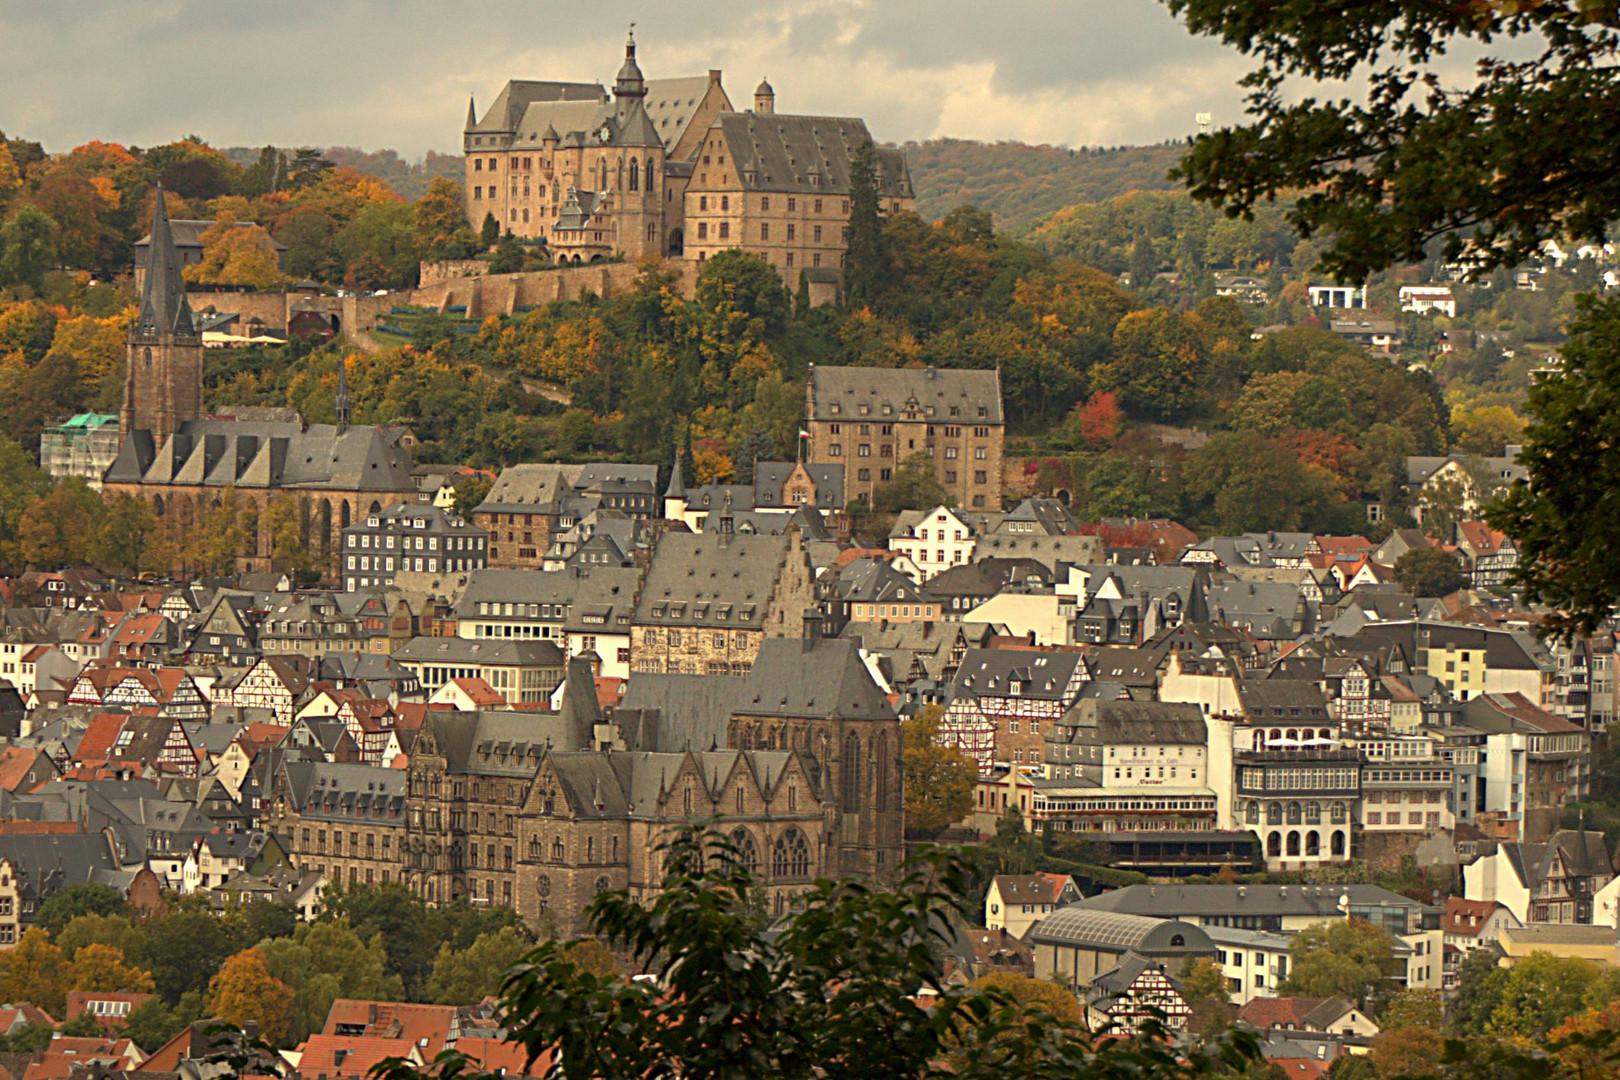 Marburger Landgrafenschloß mit Unikirche & Lutherkirche